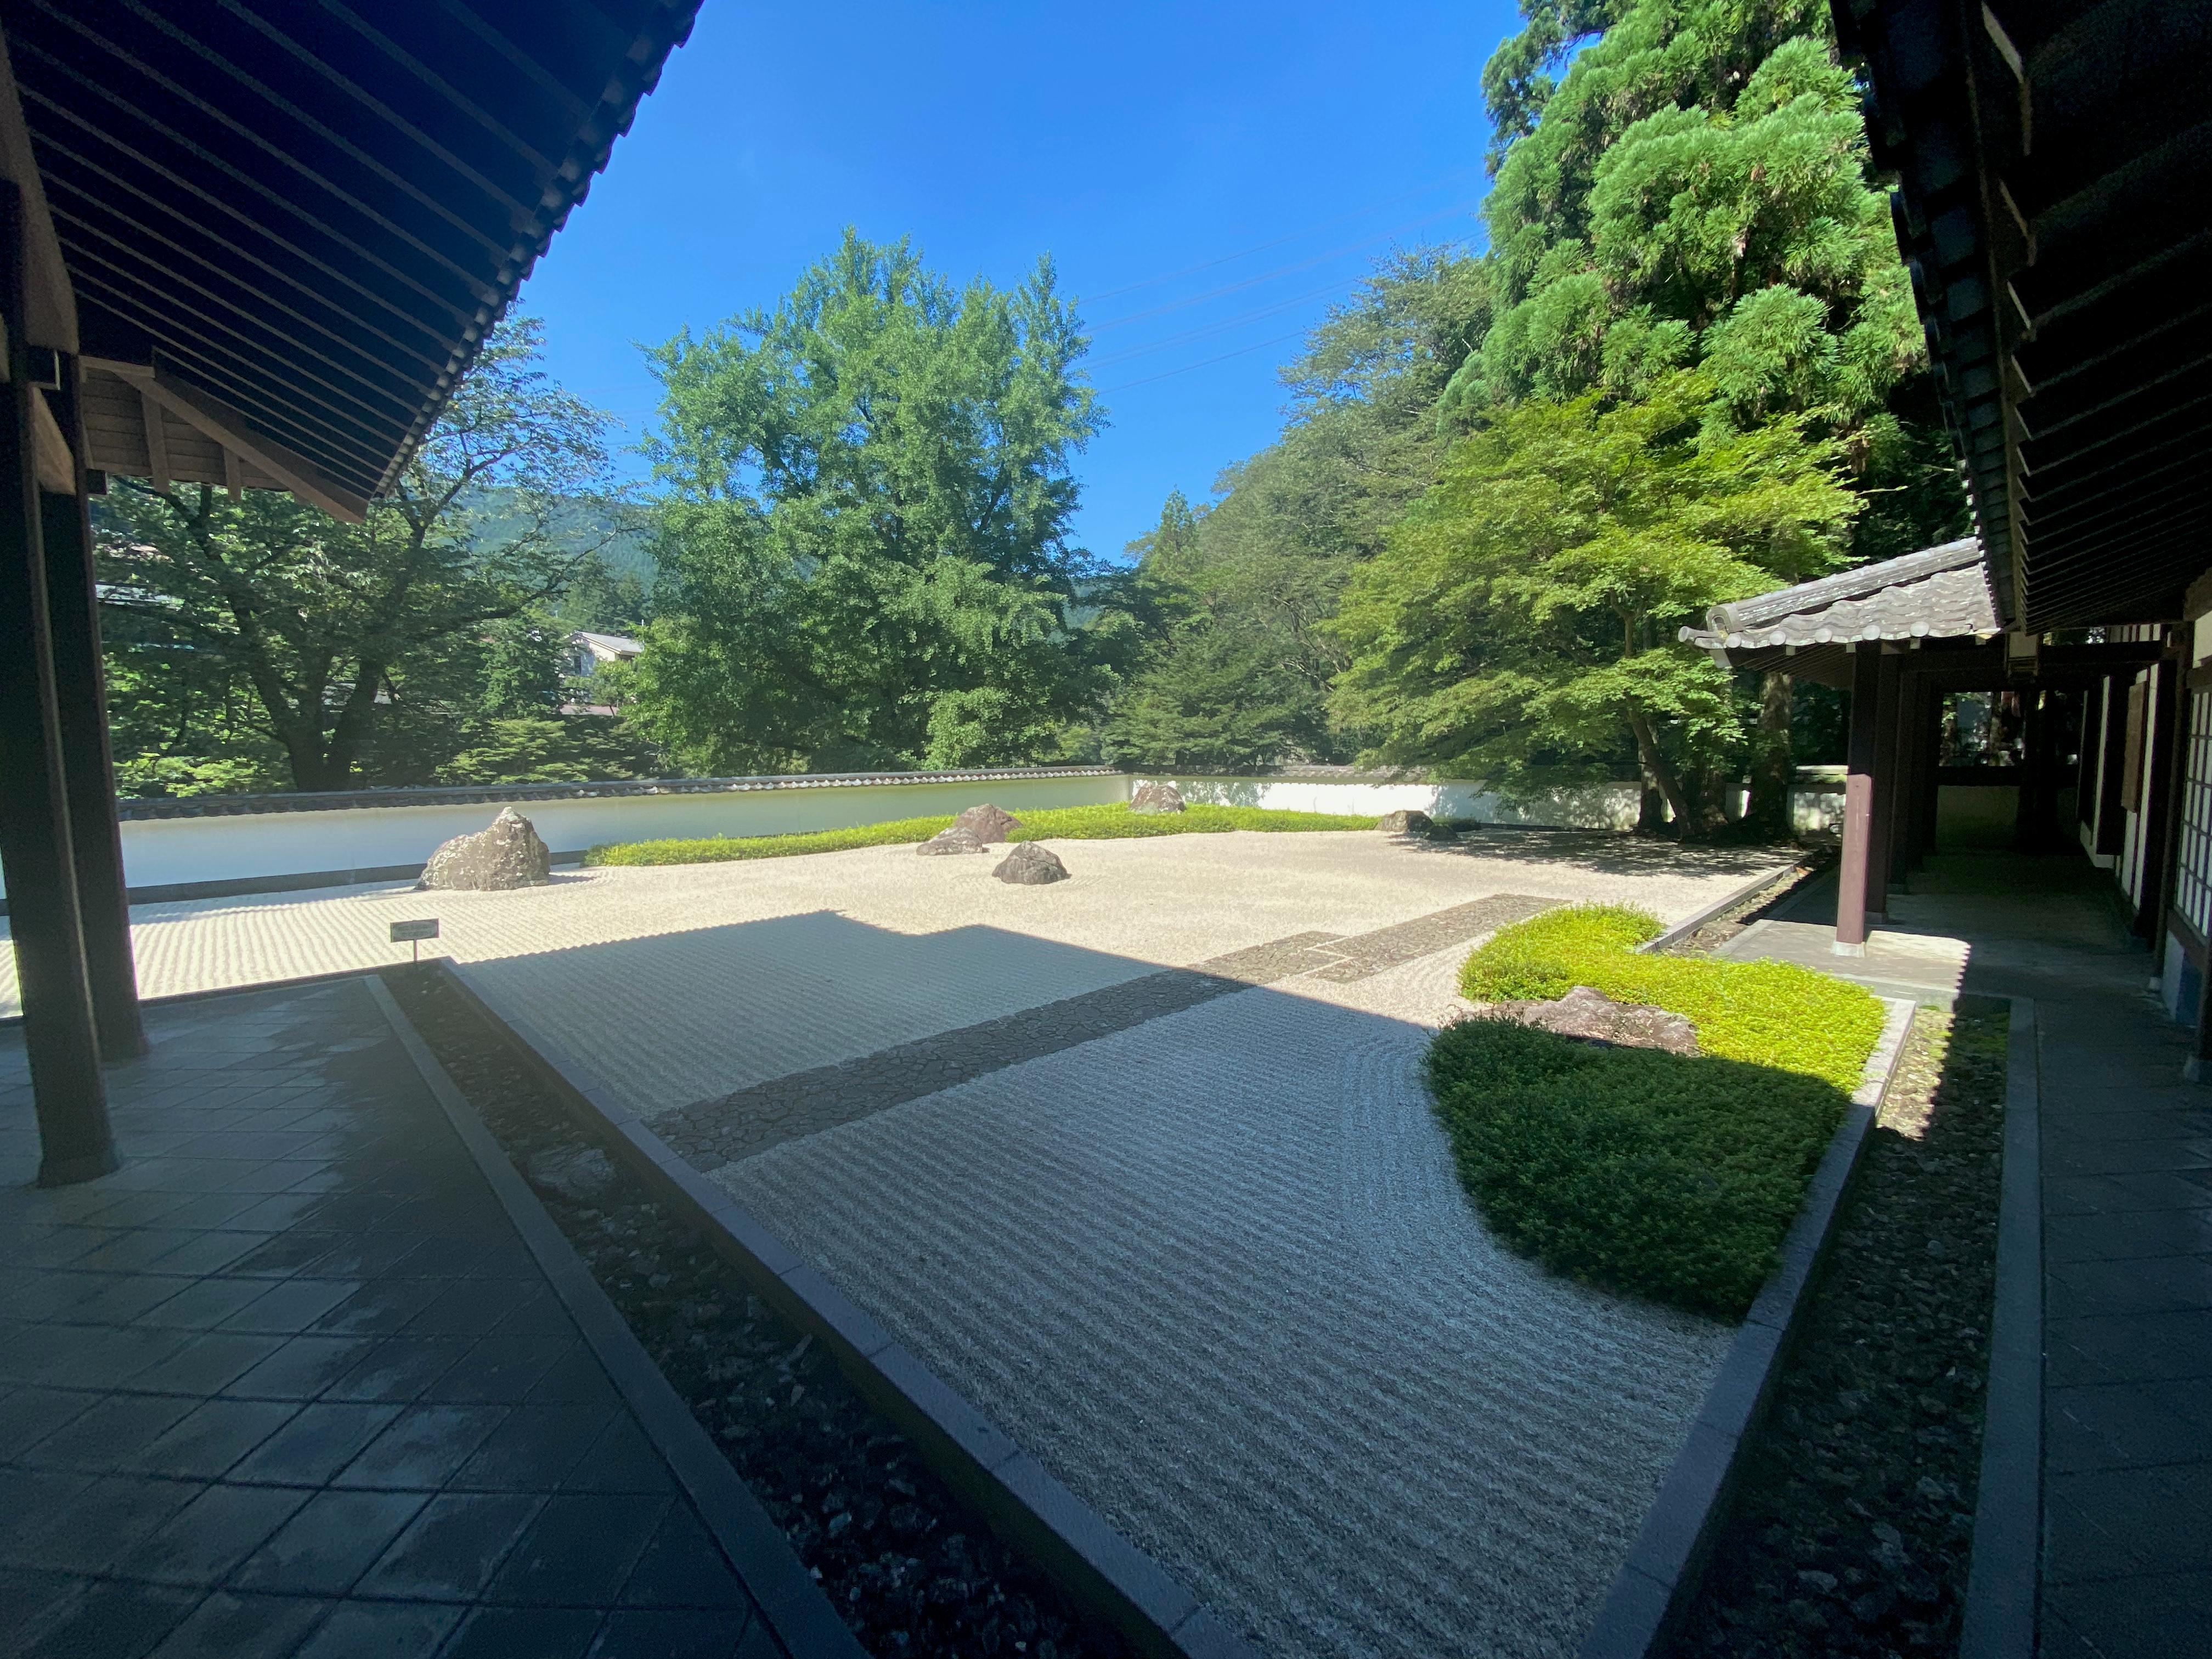 山ペディア~もっと山が好きになる、博物館、美術館&ビジターセンター案内!~【東京奥多摩 御岳山エリア 2021 最新】